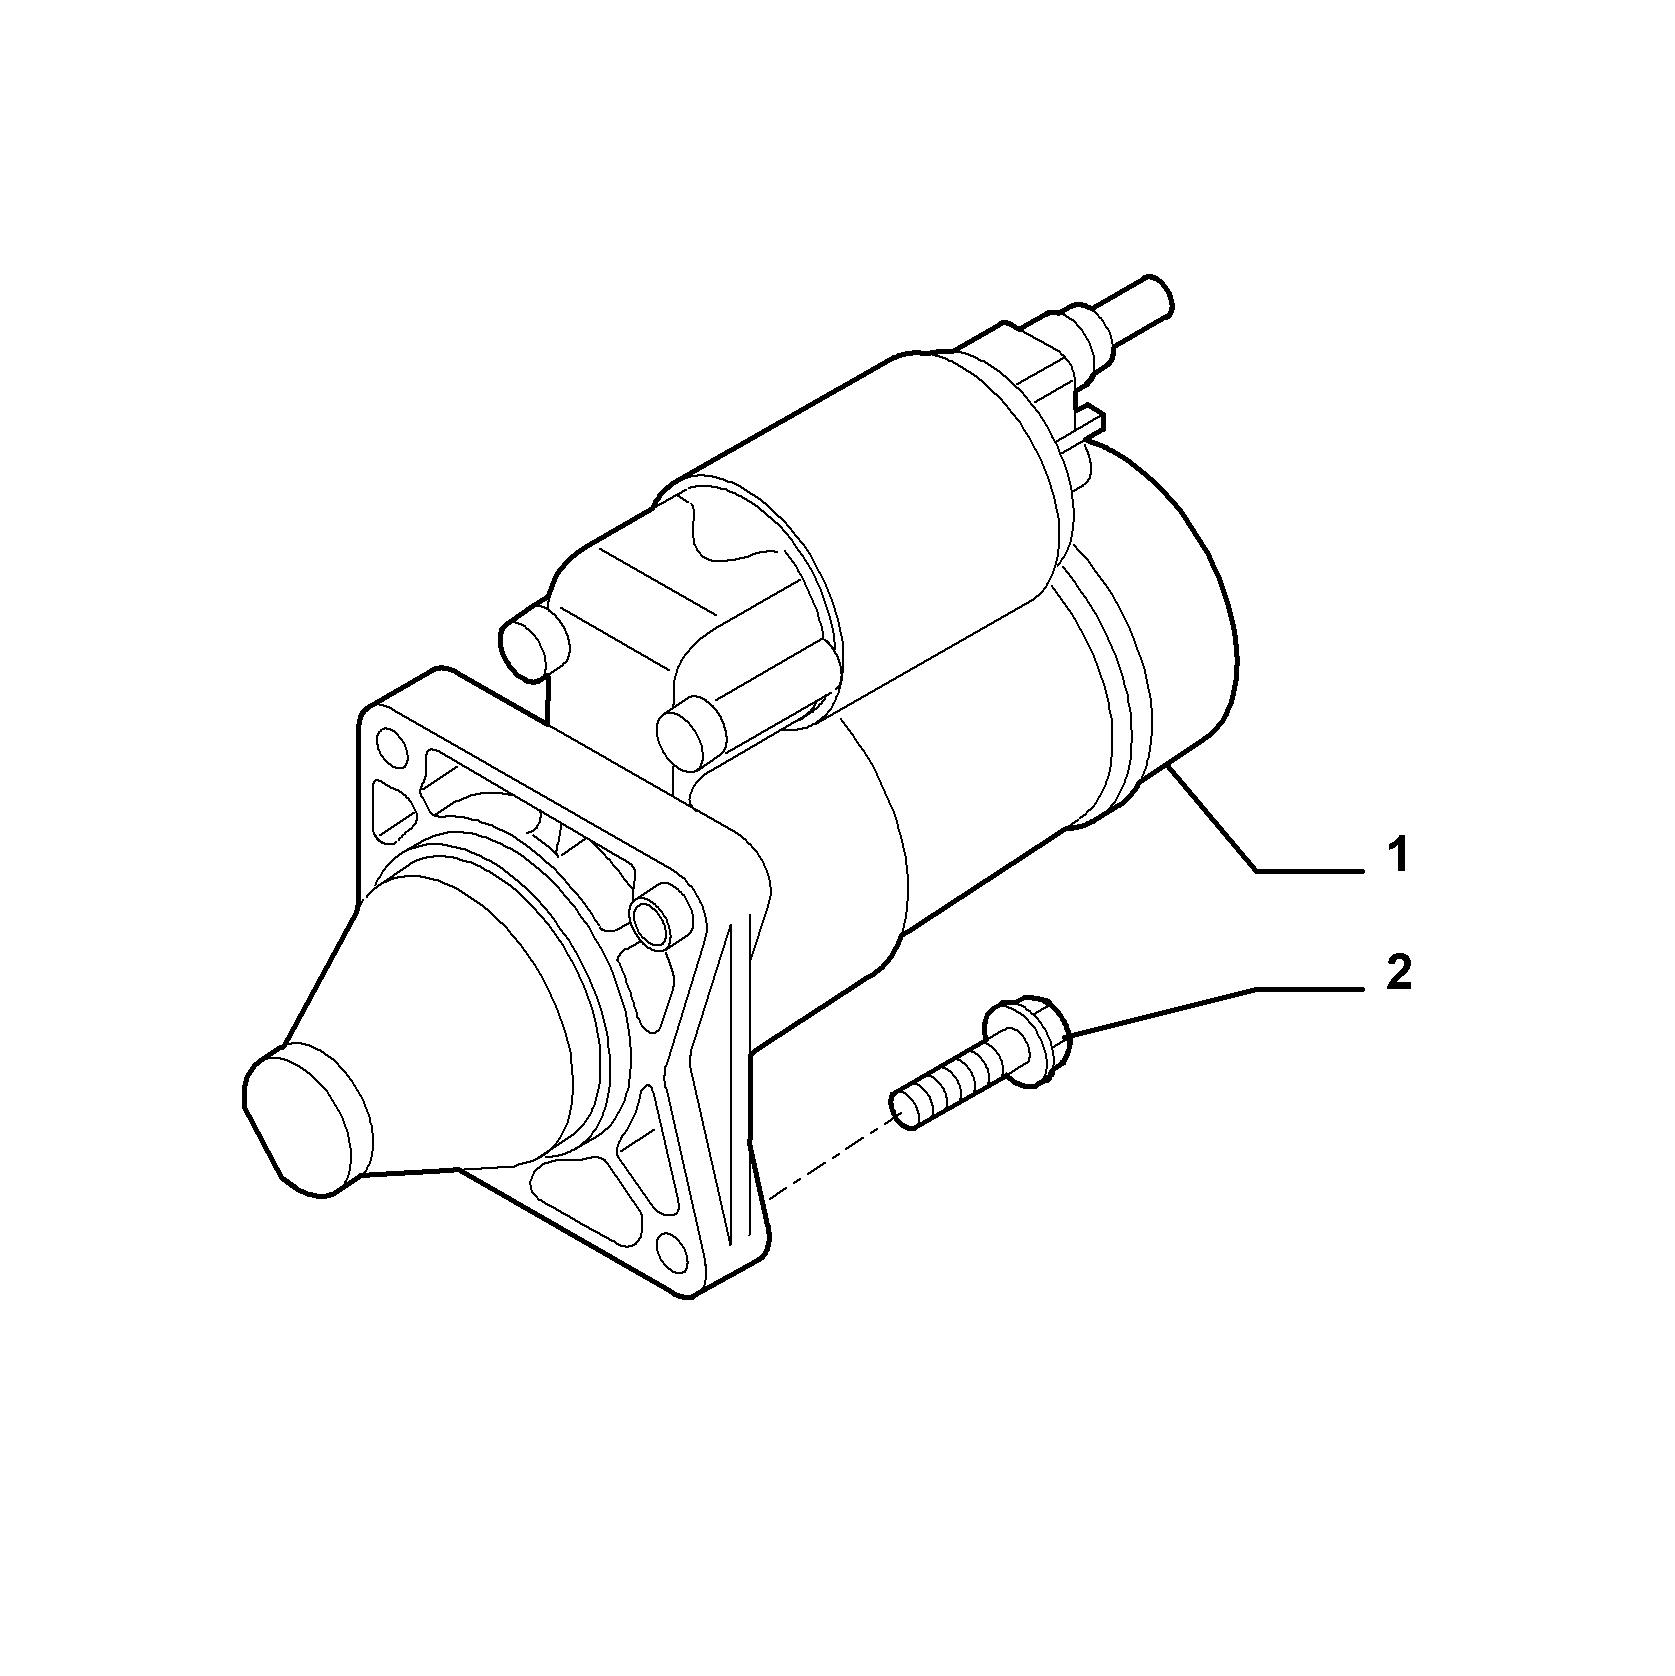 55201-010 STARTER MOTOR